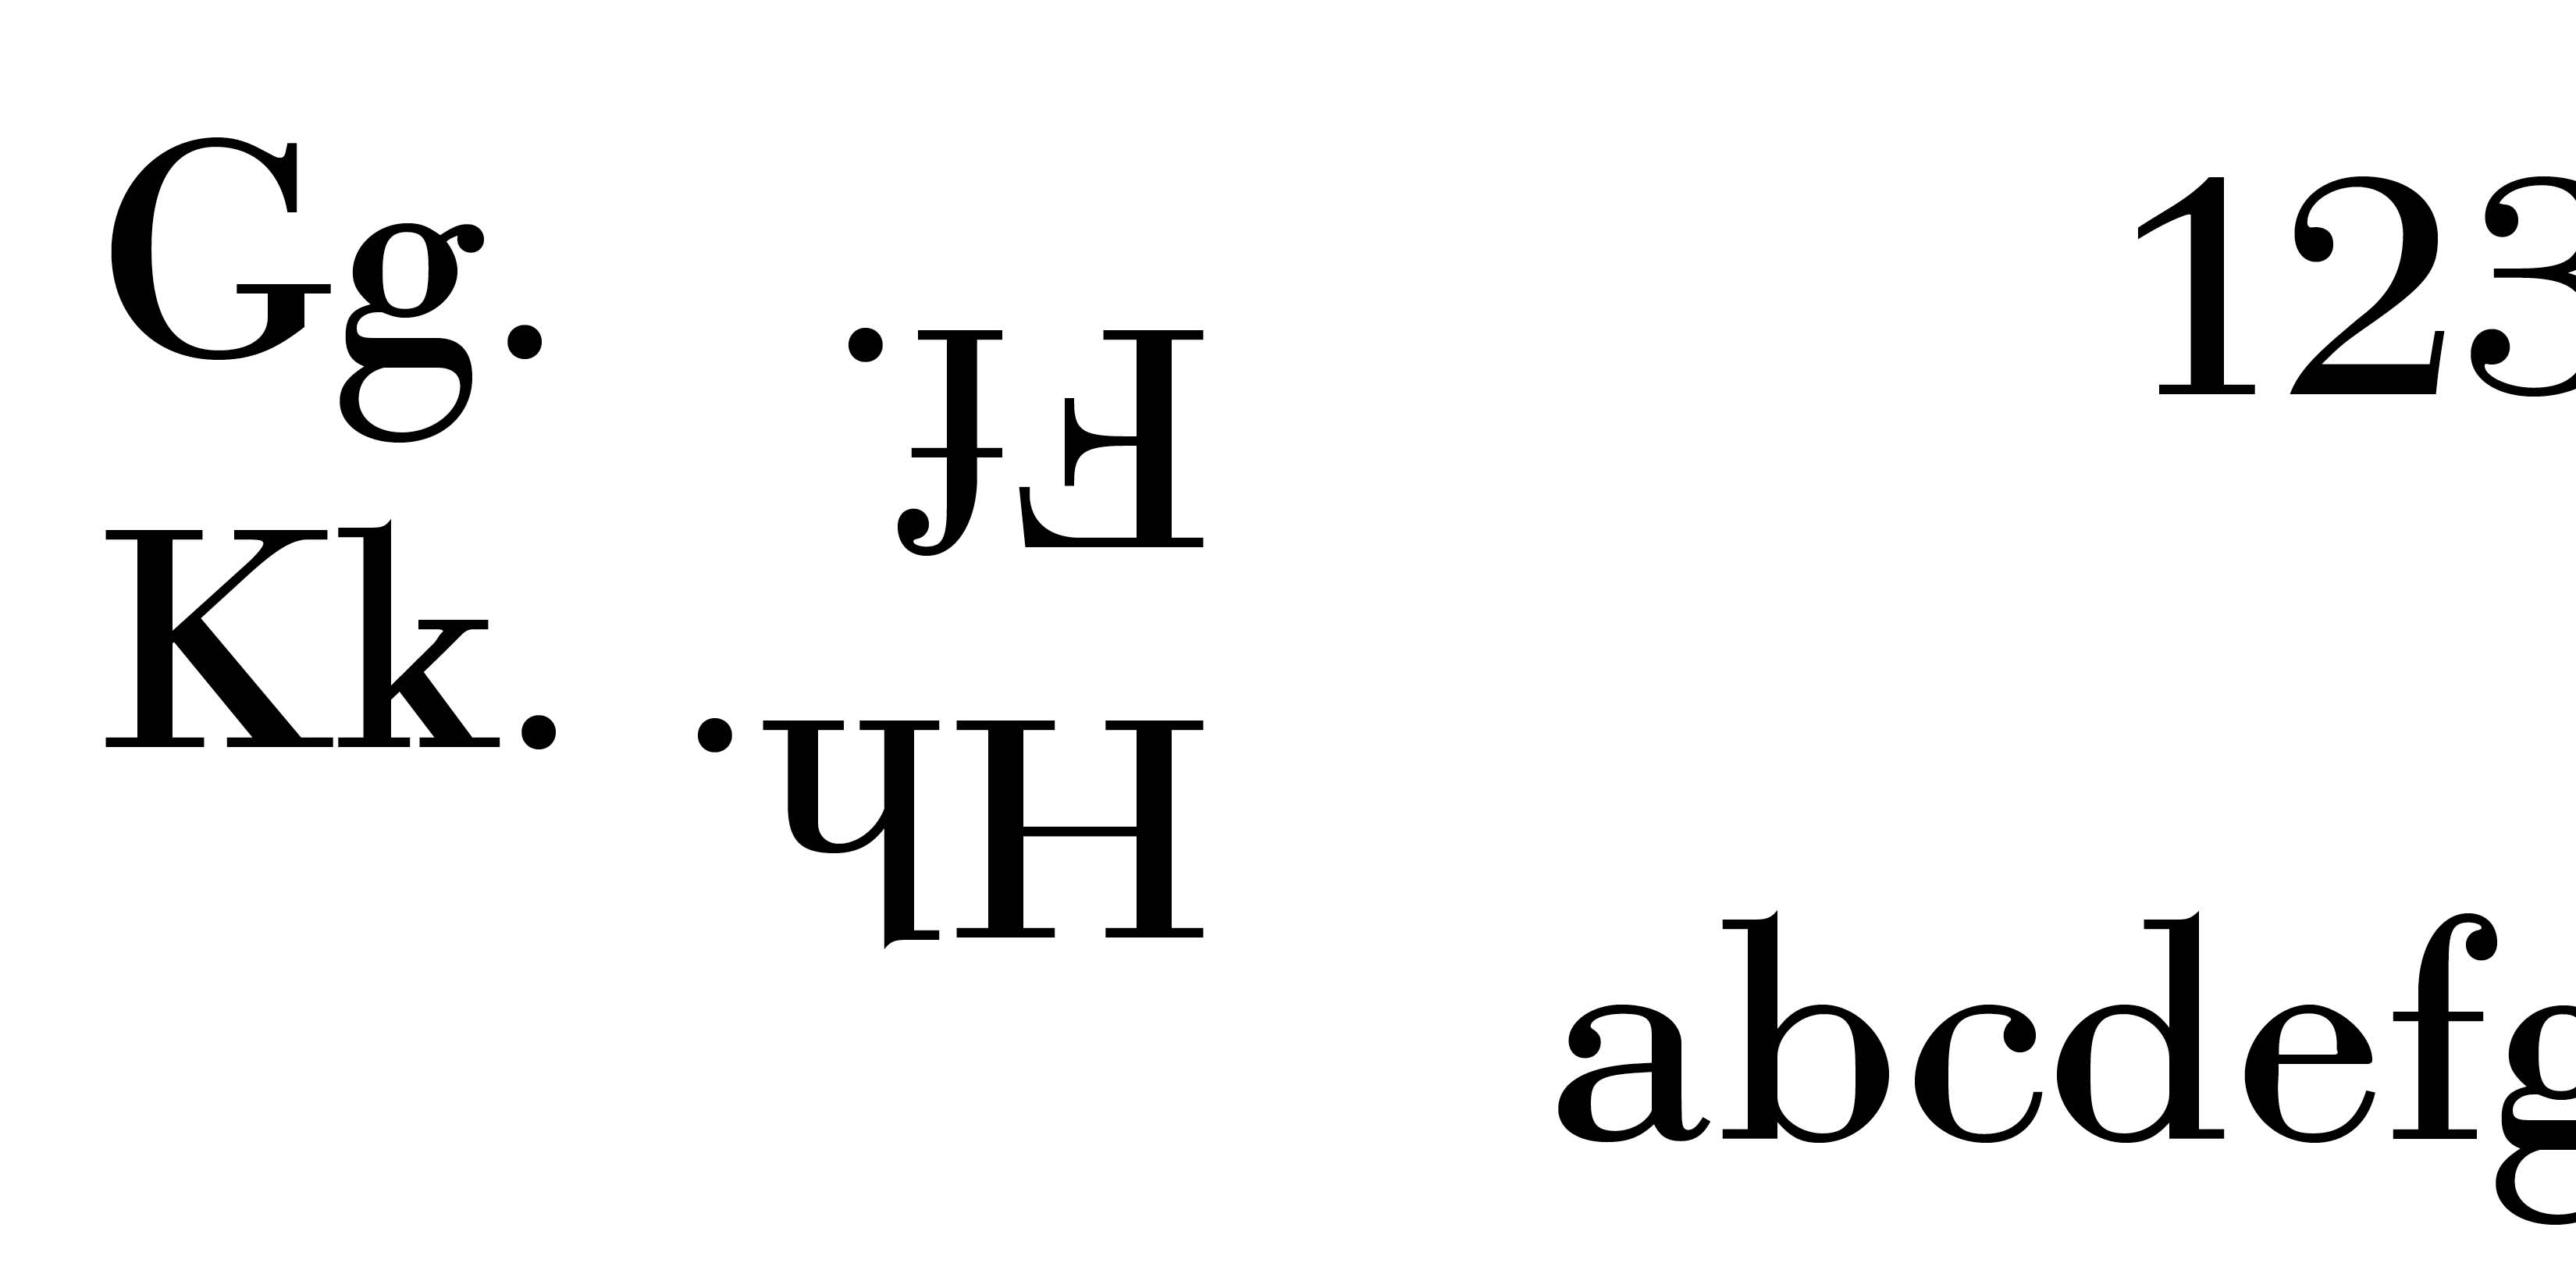 Brenden R. Typebook5